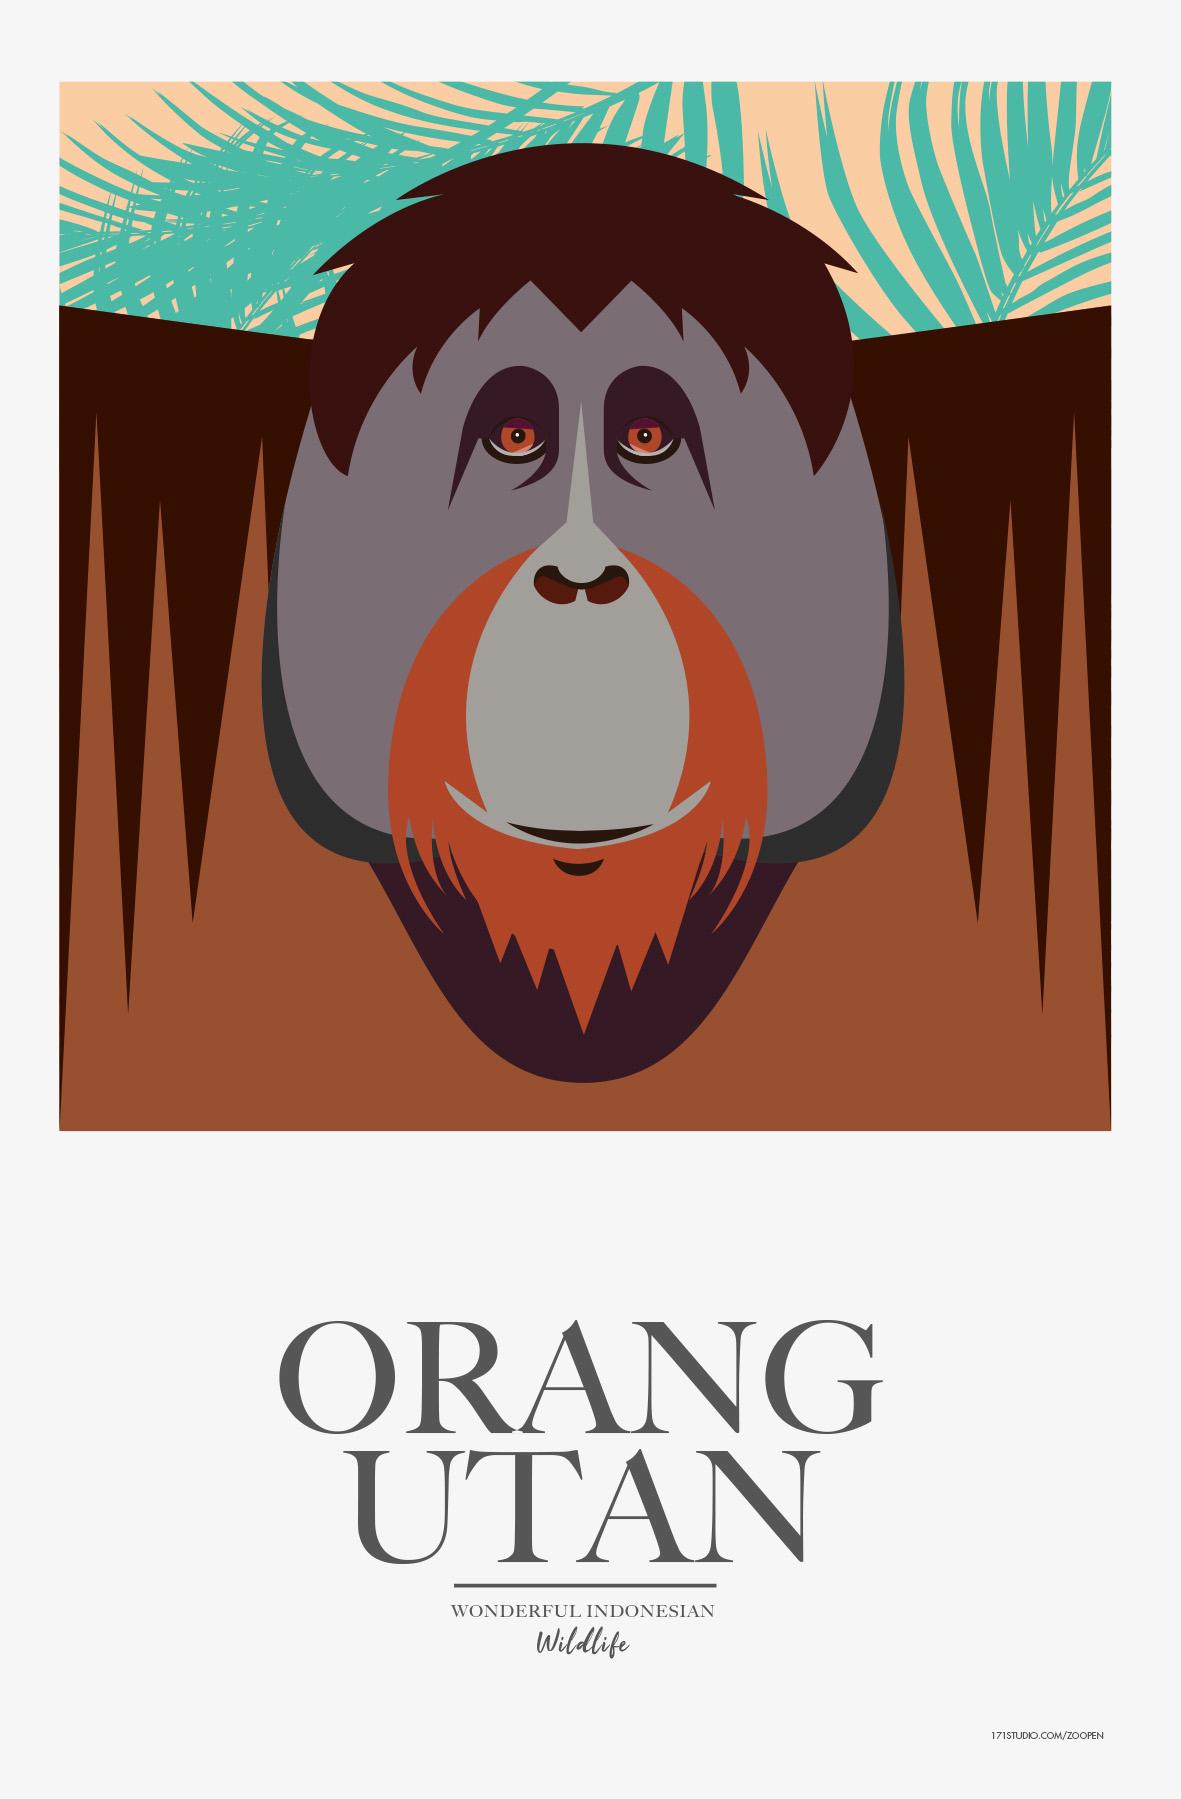 OrangUtan171studiomathieusechet